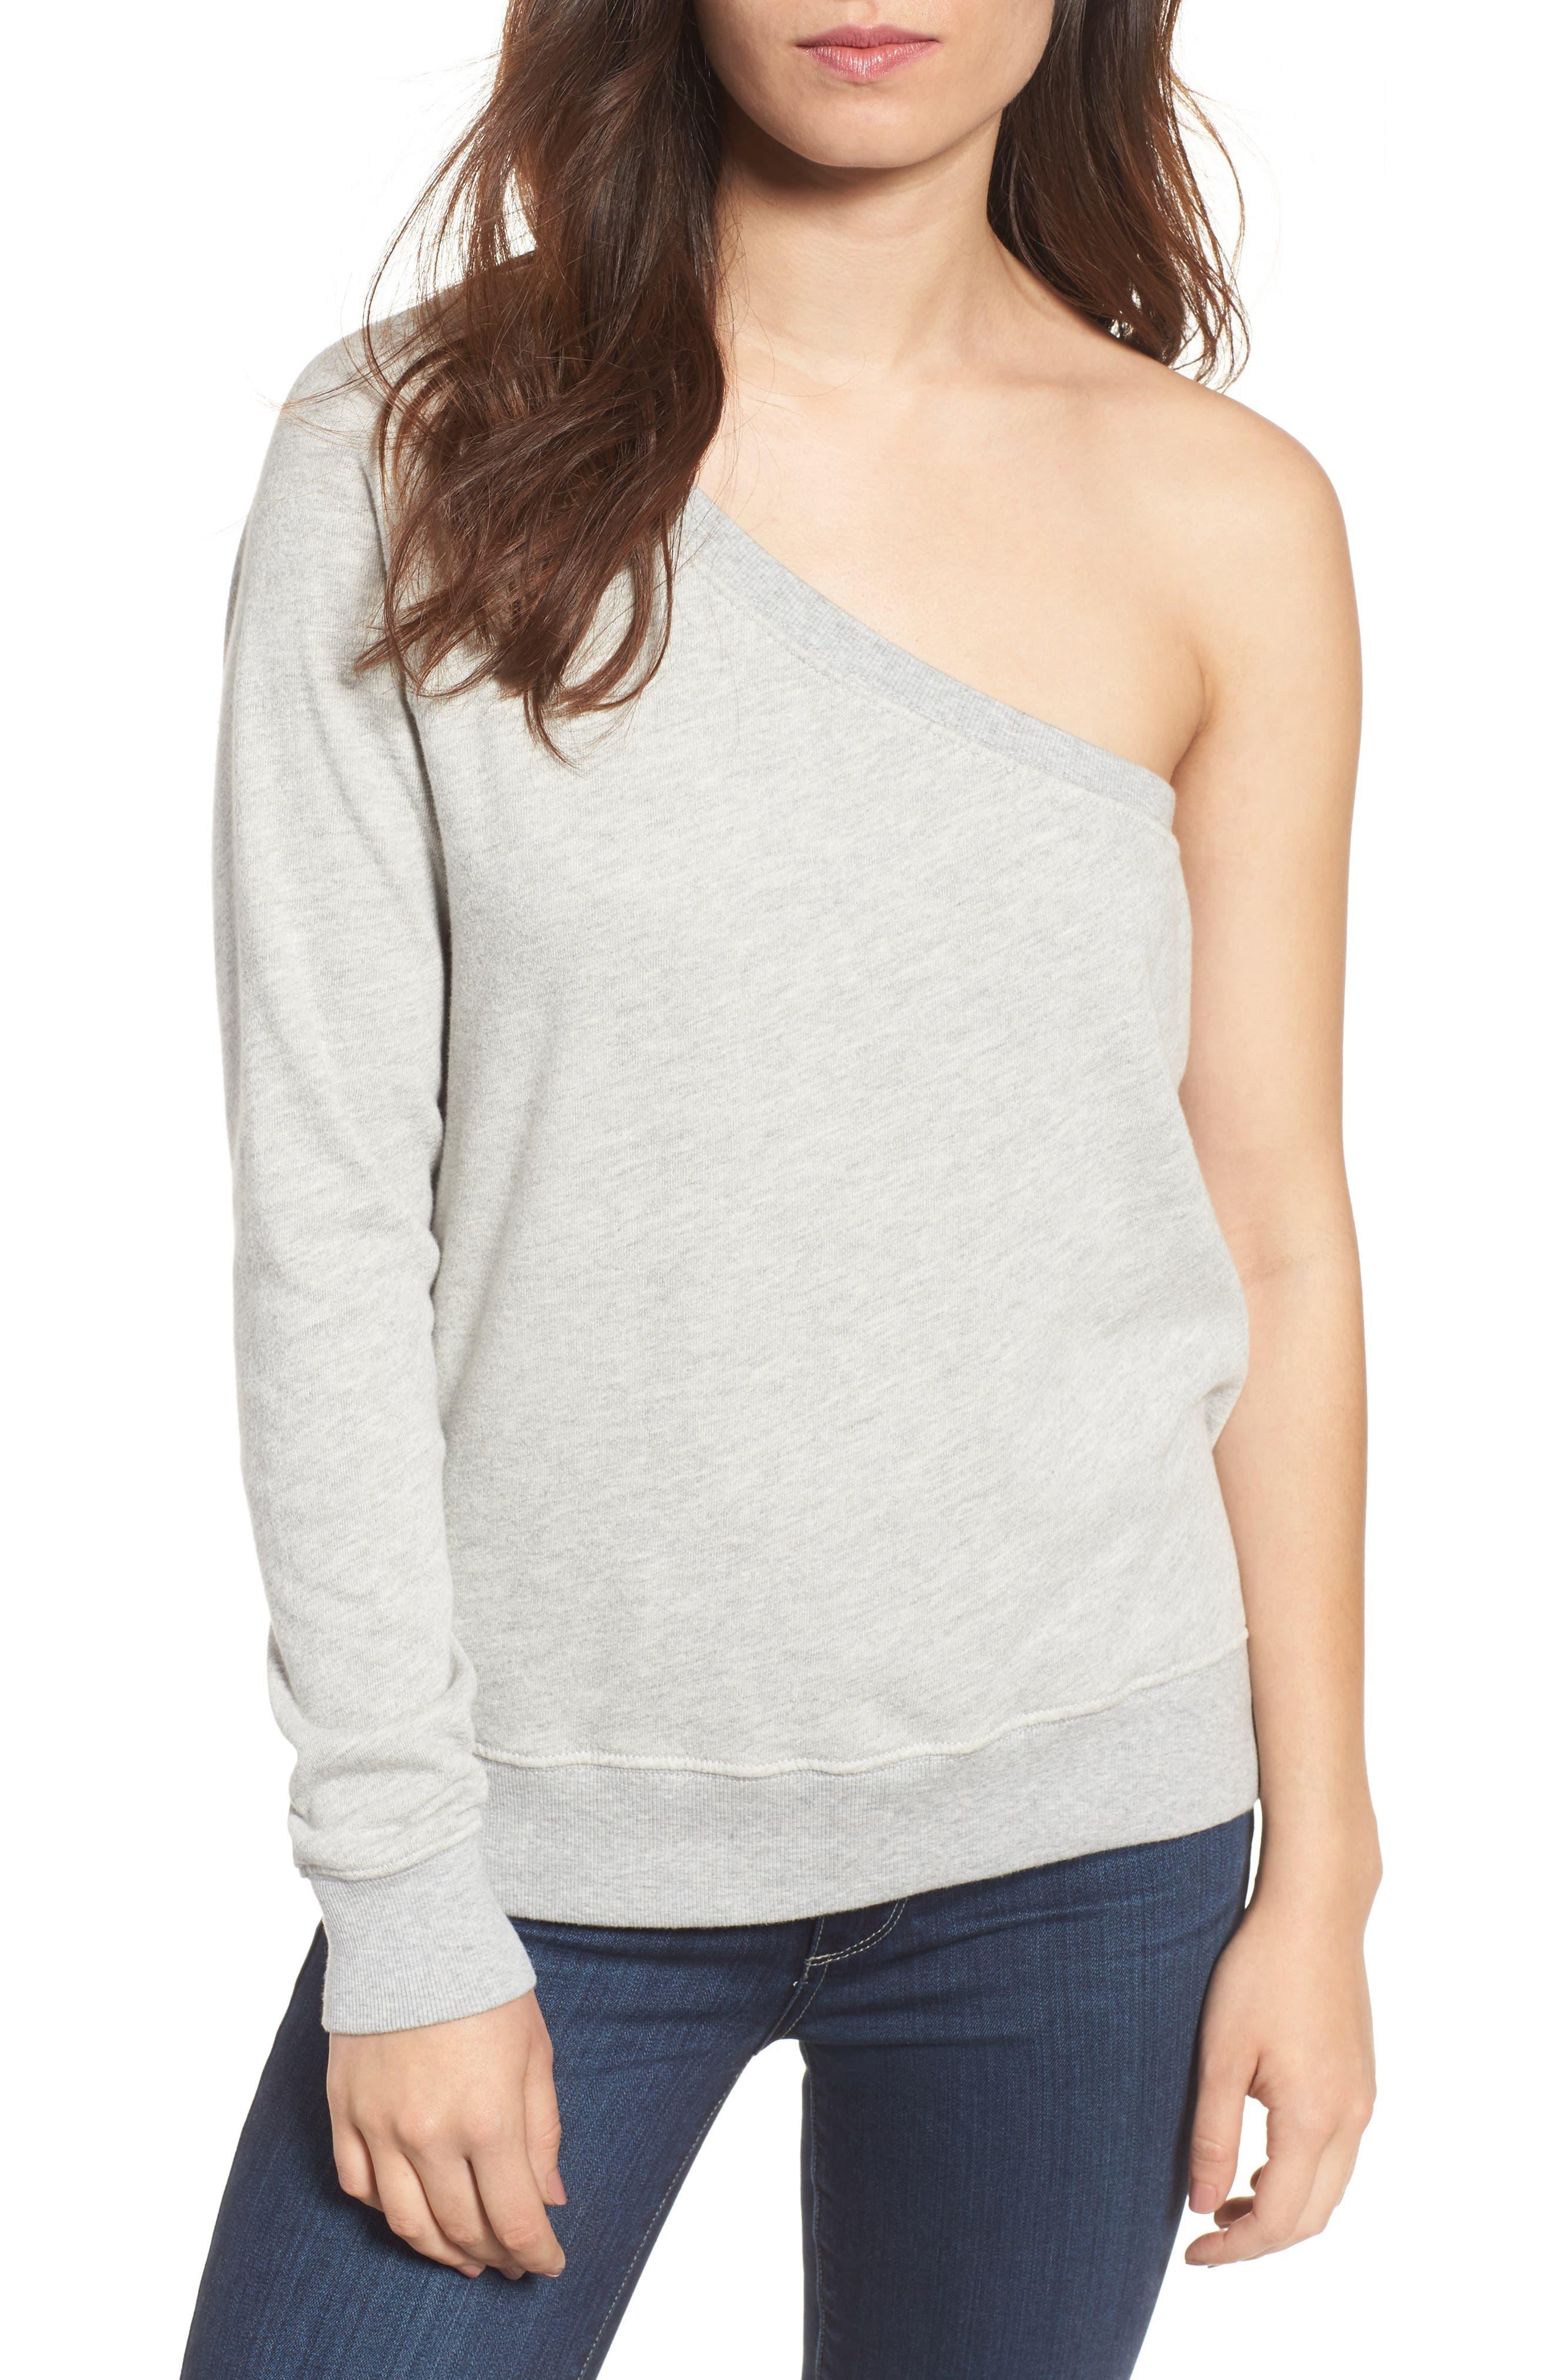 Alternate Image 1 Selected - Pam & Gela One-Shoulder Sweatshirt